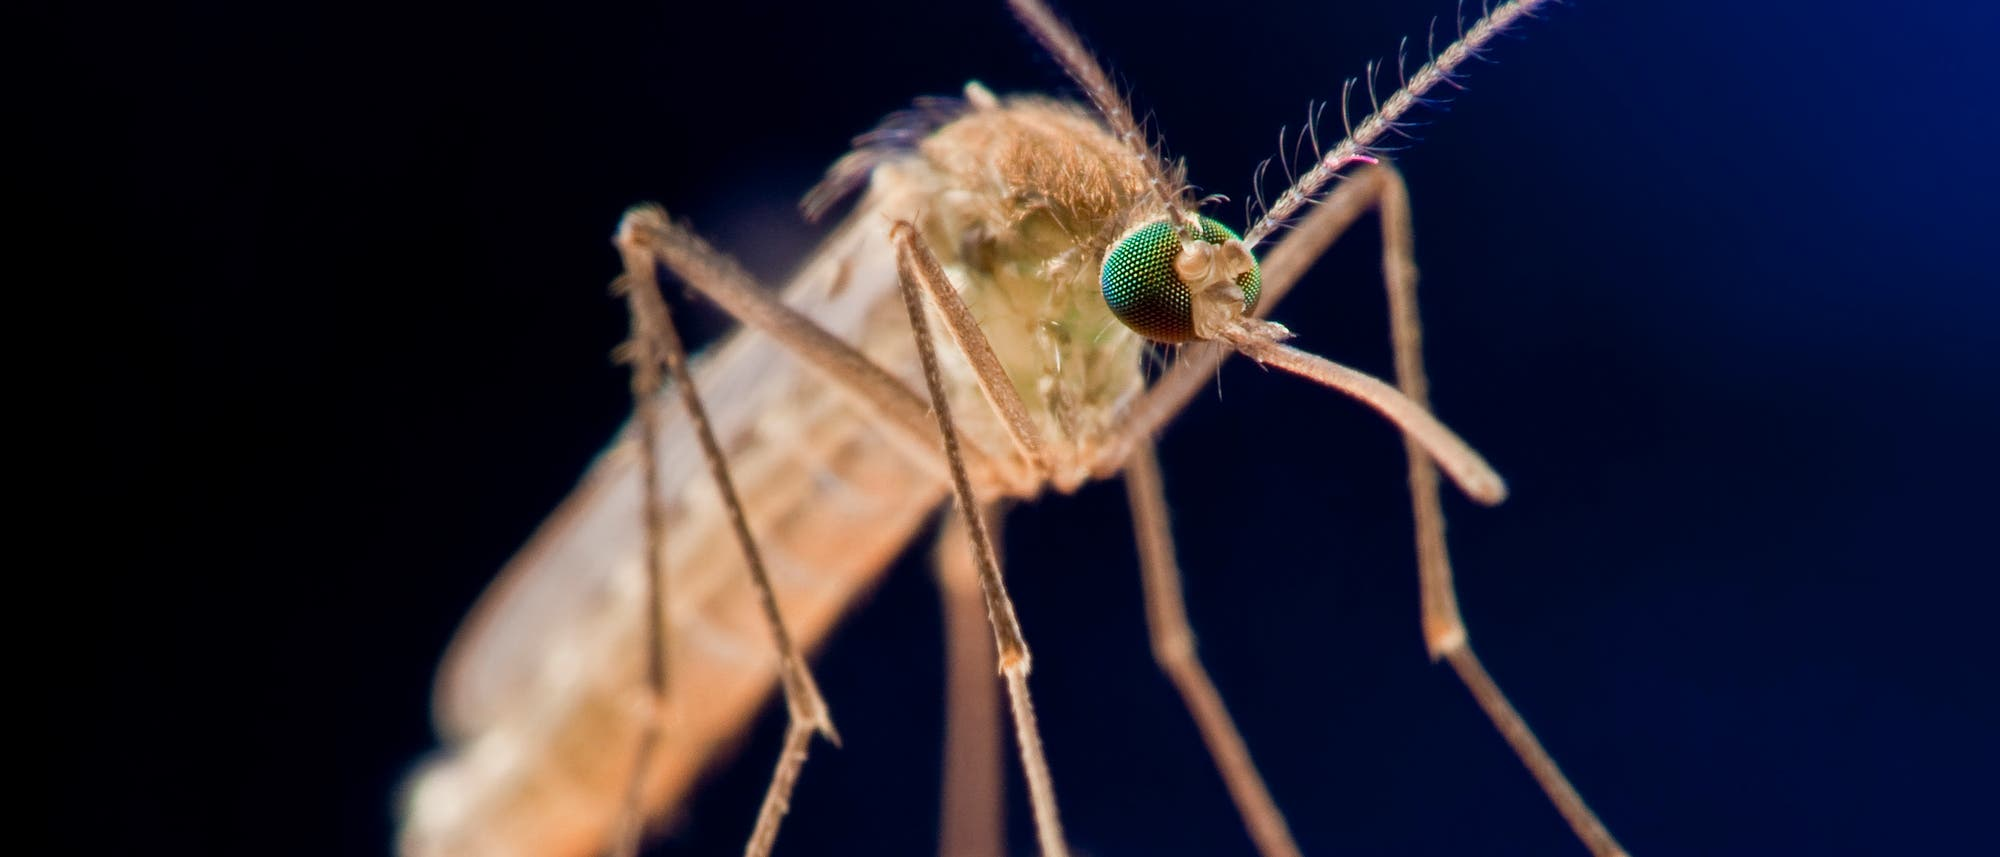 Stechmücke auf der Haut